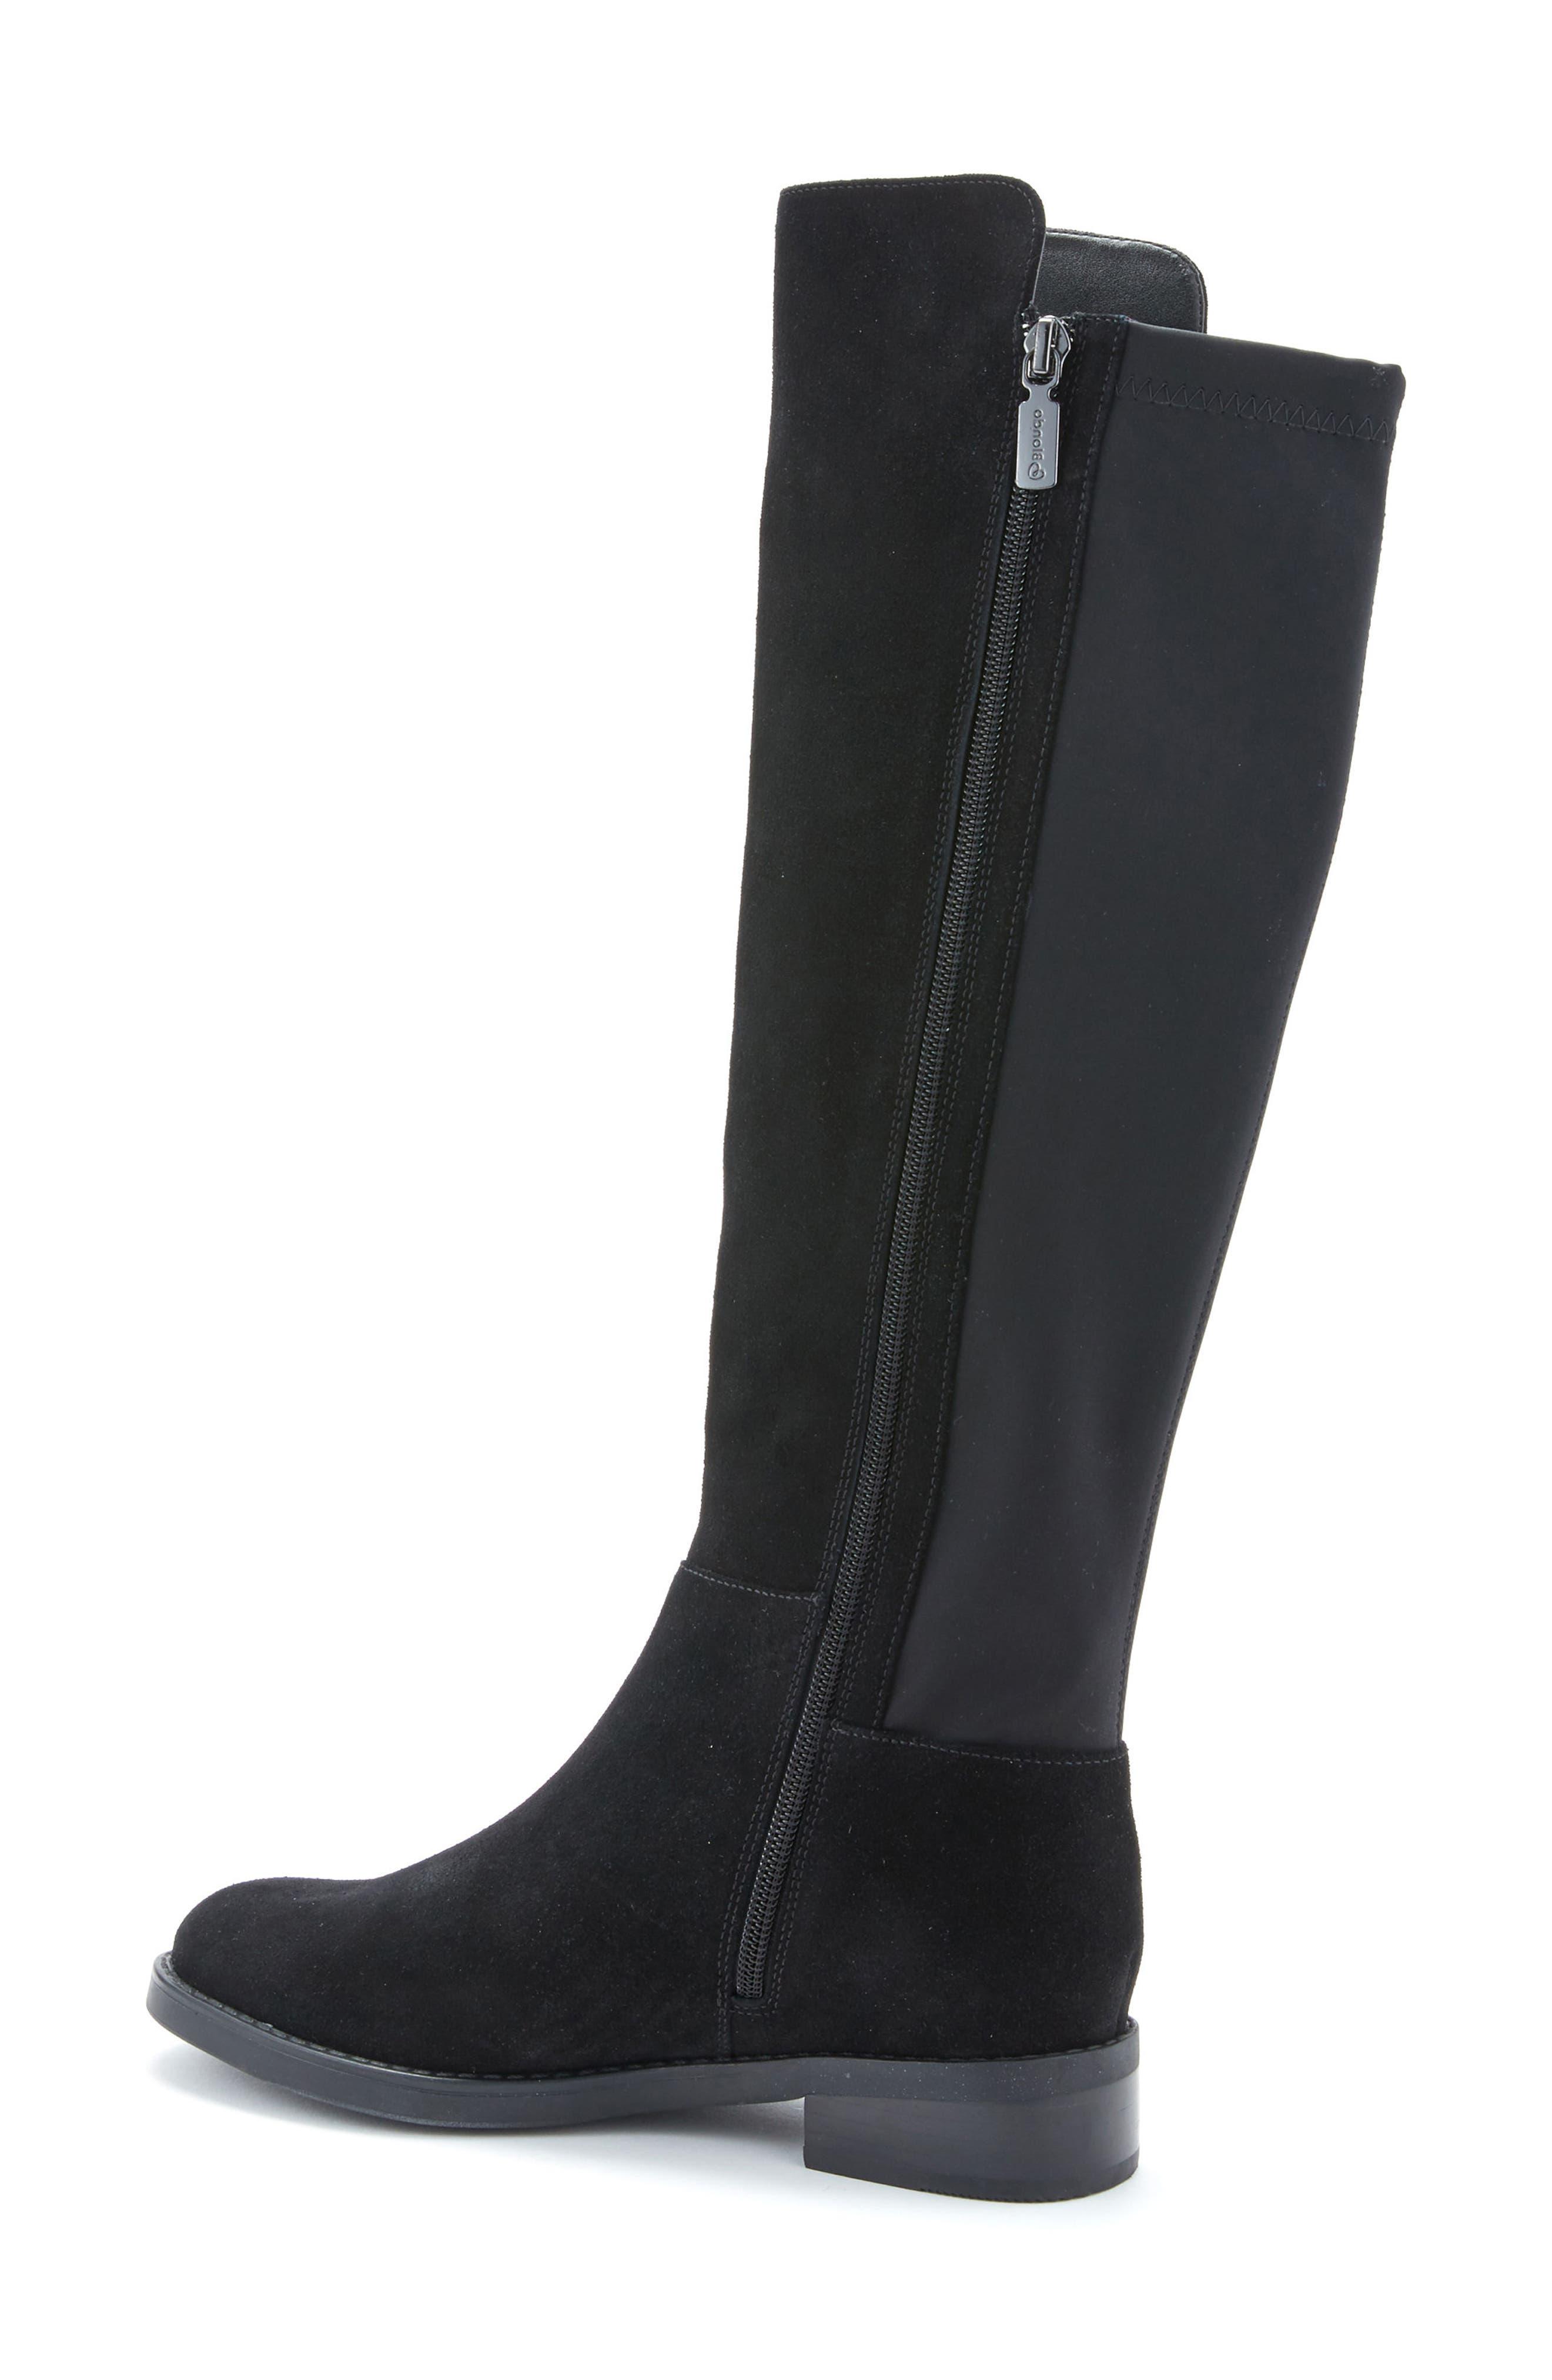 Ellie Waterproof Knee High Riding Boot,                             Alternate thumbnail 2, color,                             BLACK SUEDE